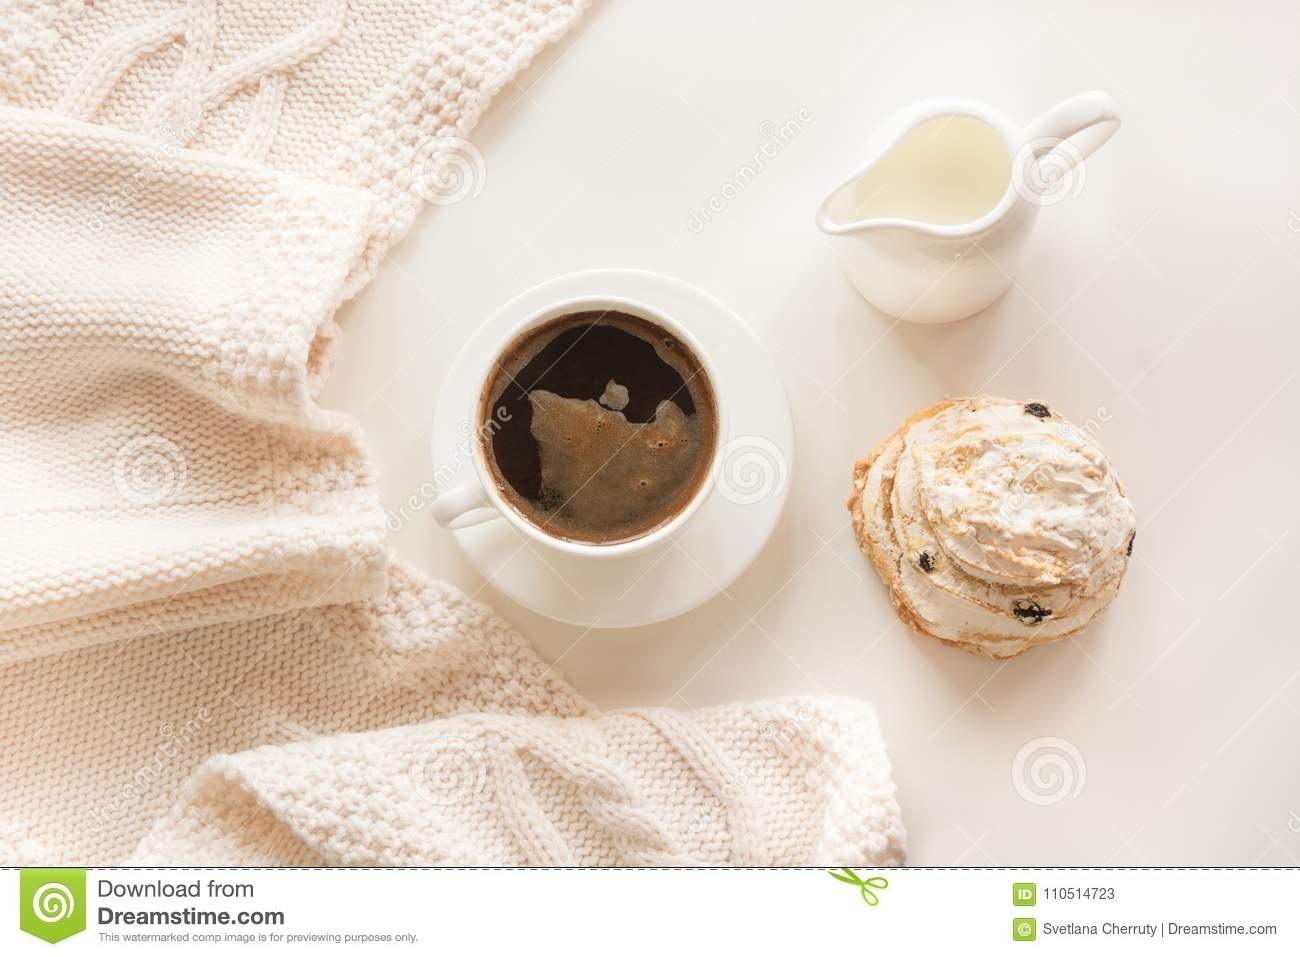 Утро нежность кофе картинки цветы011